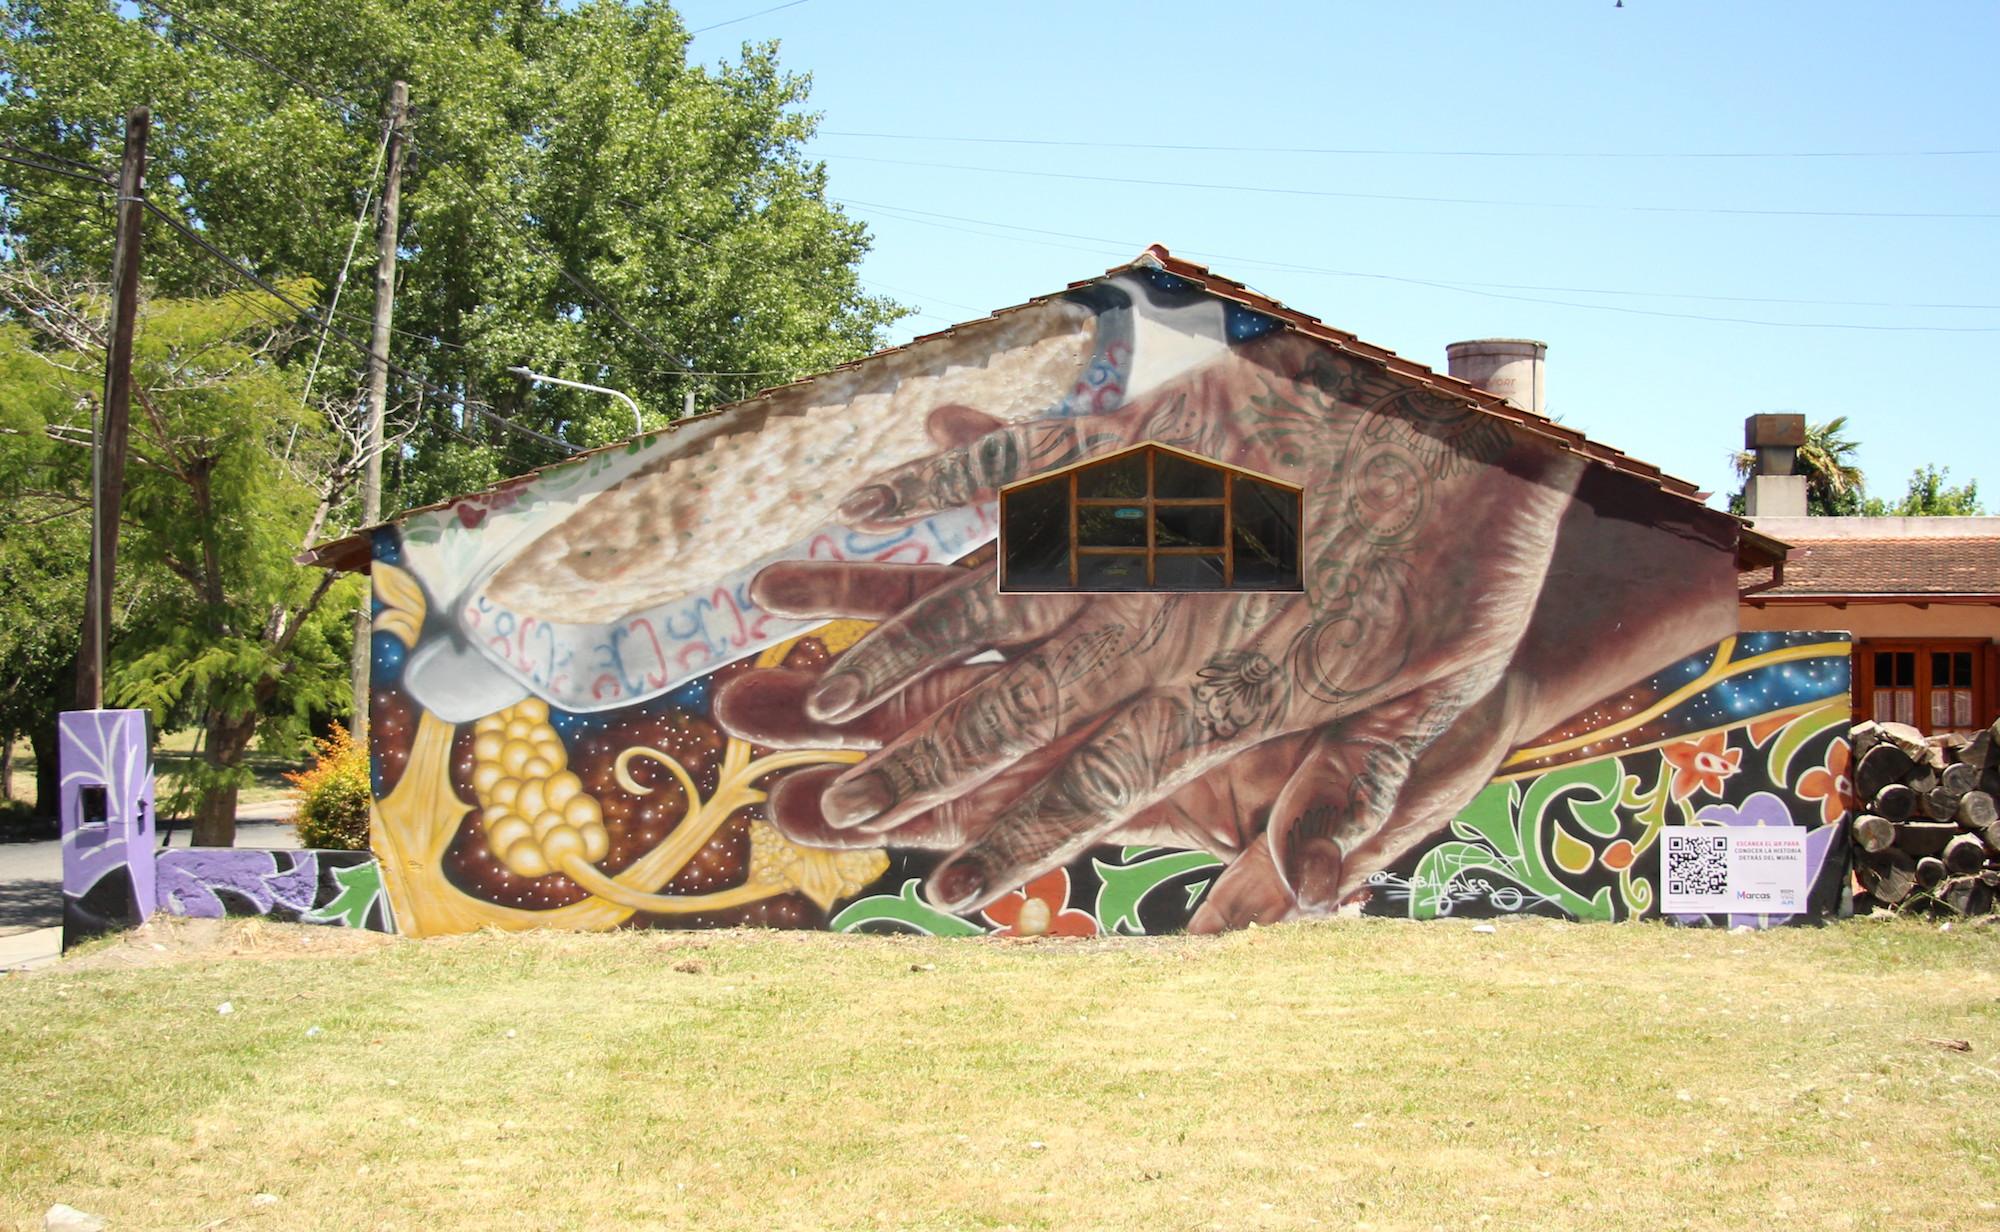 #Encontrarenlascalles, mural inspirado en la historia del emprendimiento Mamam